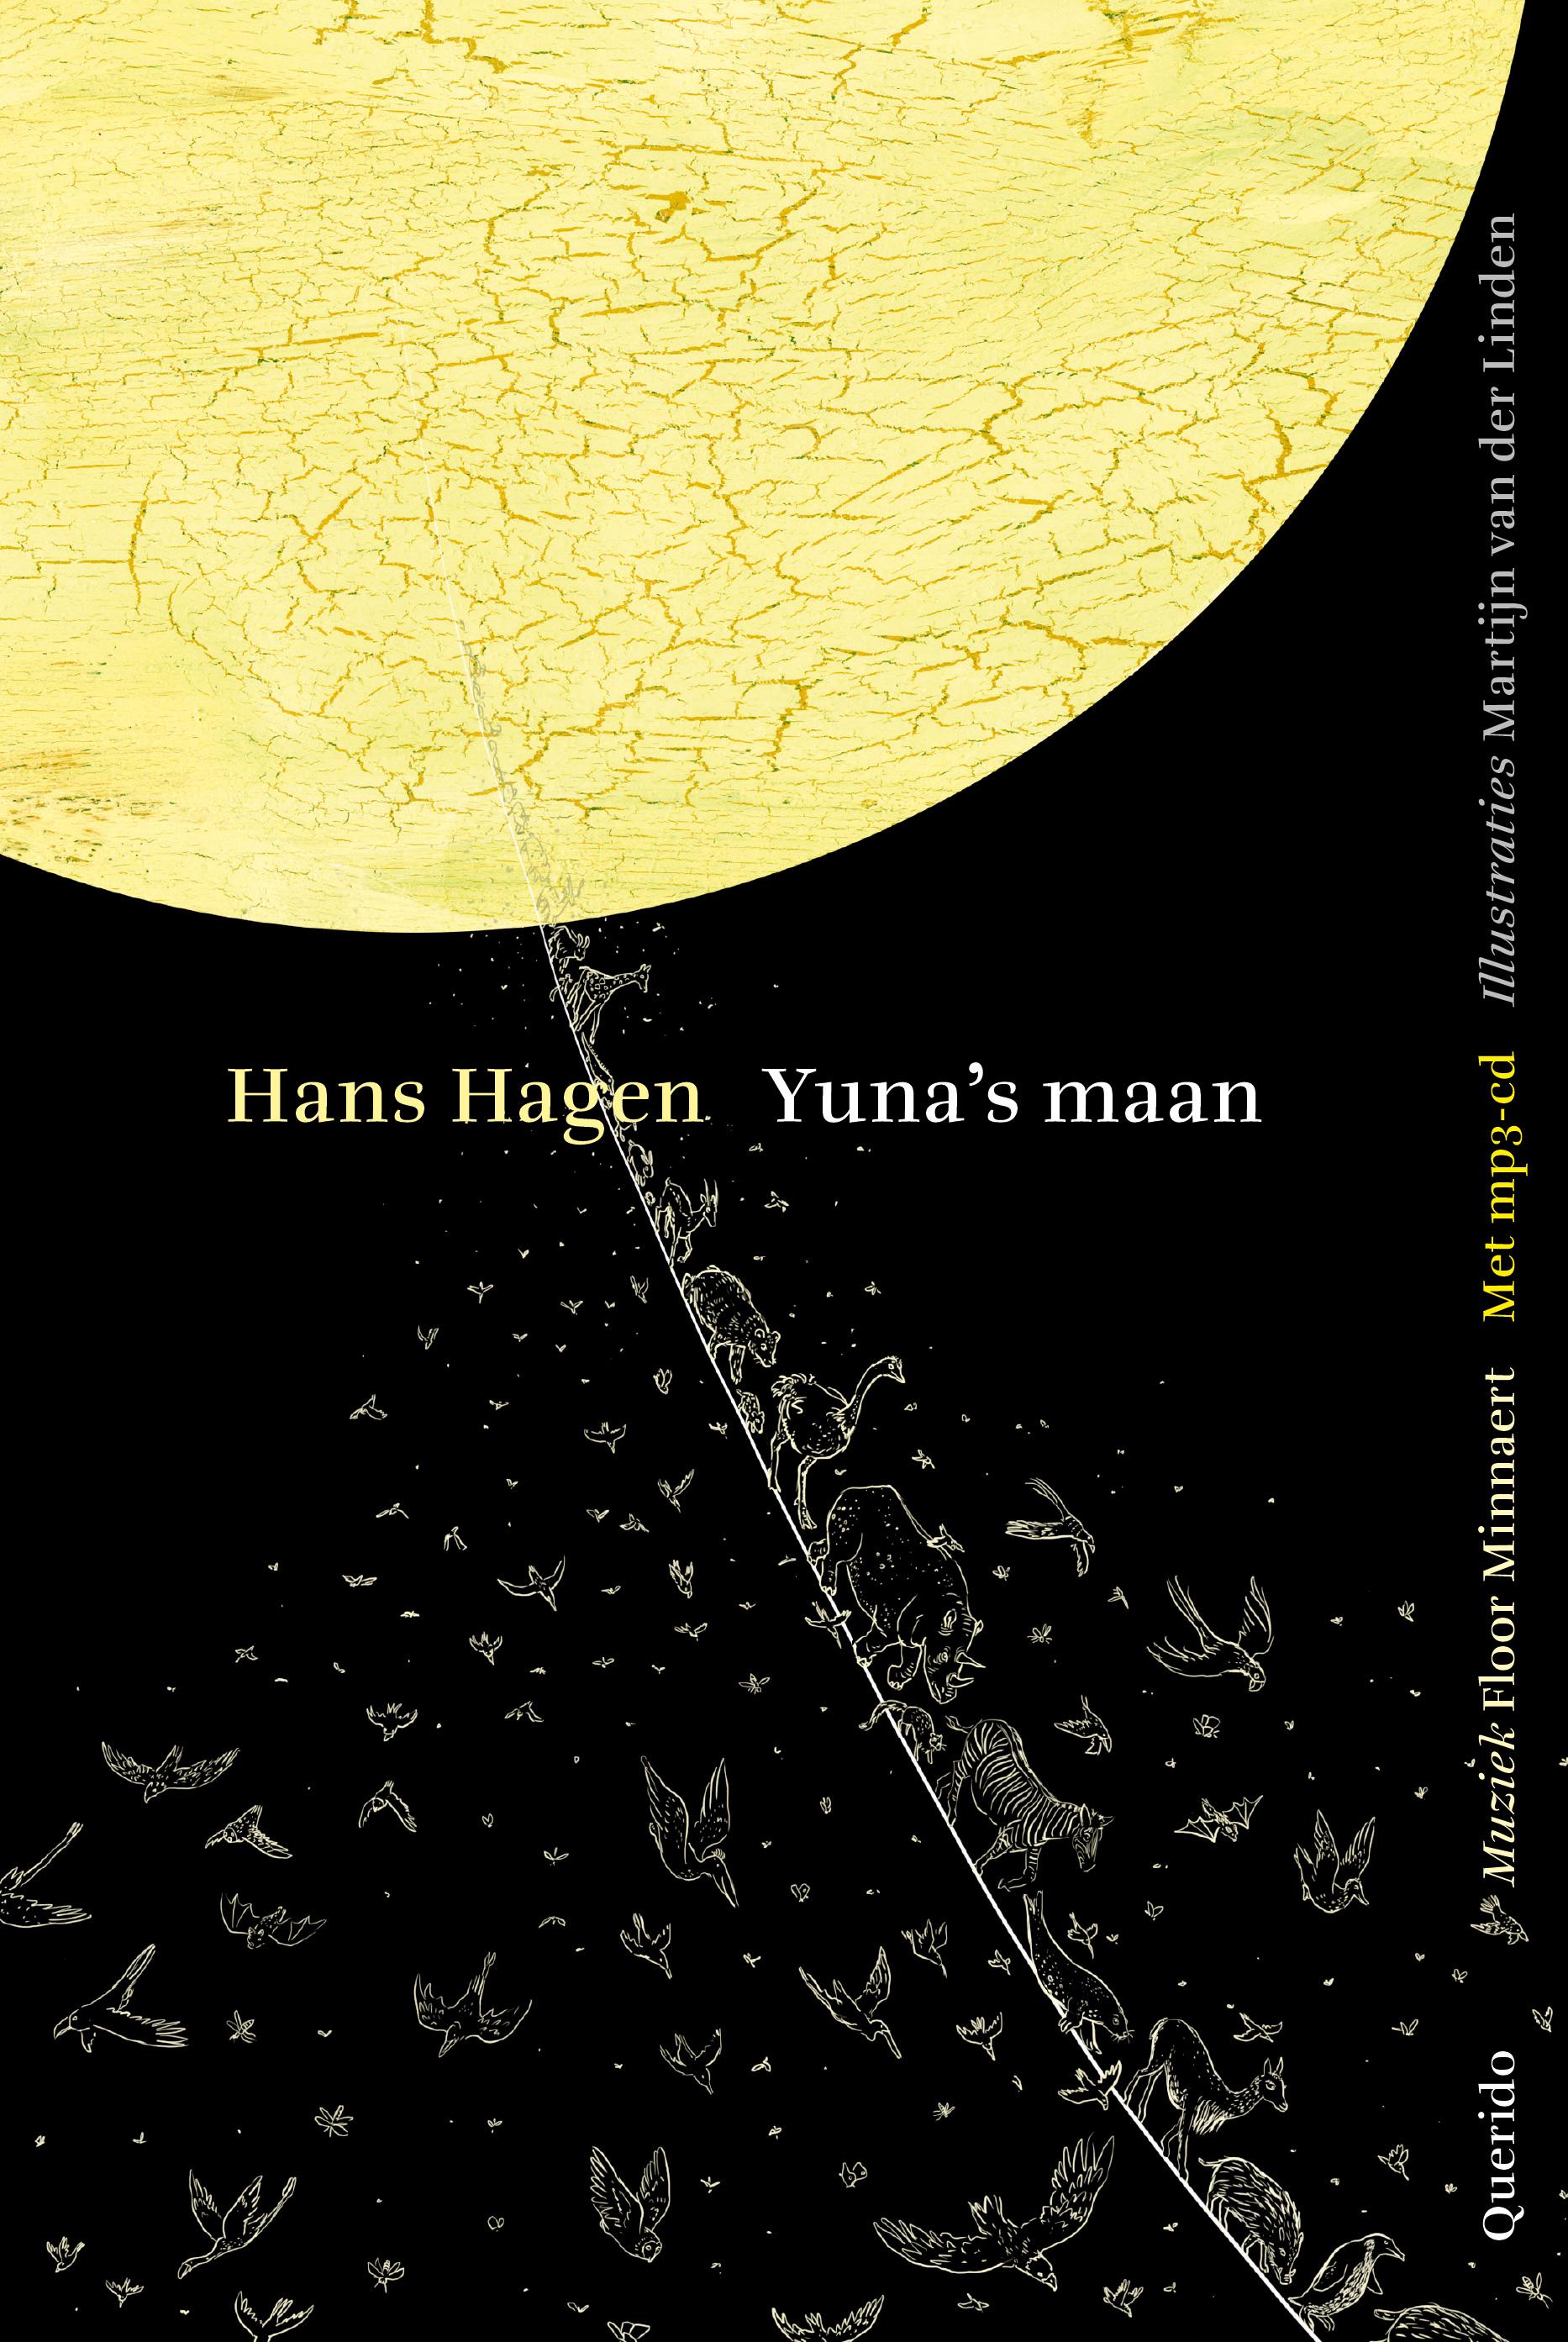 cover van Yuna's maan, boek van Hans Hagen